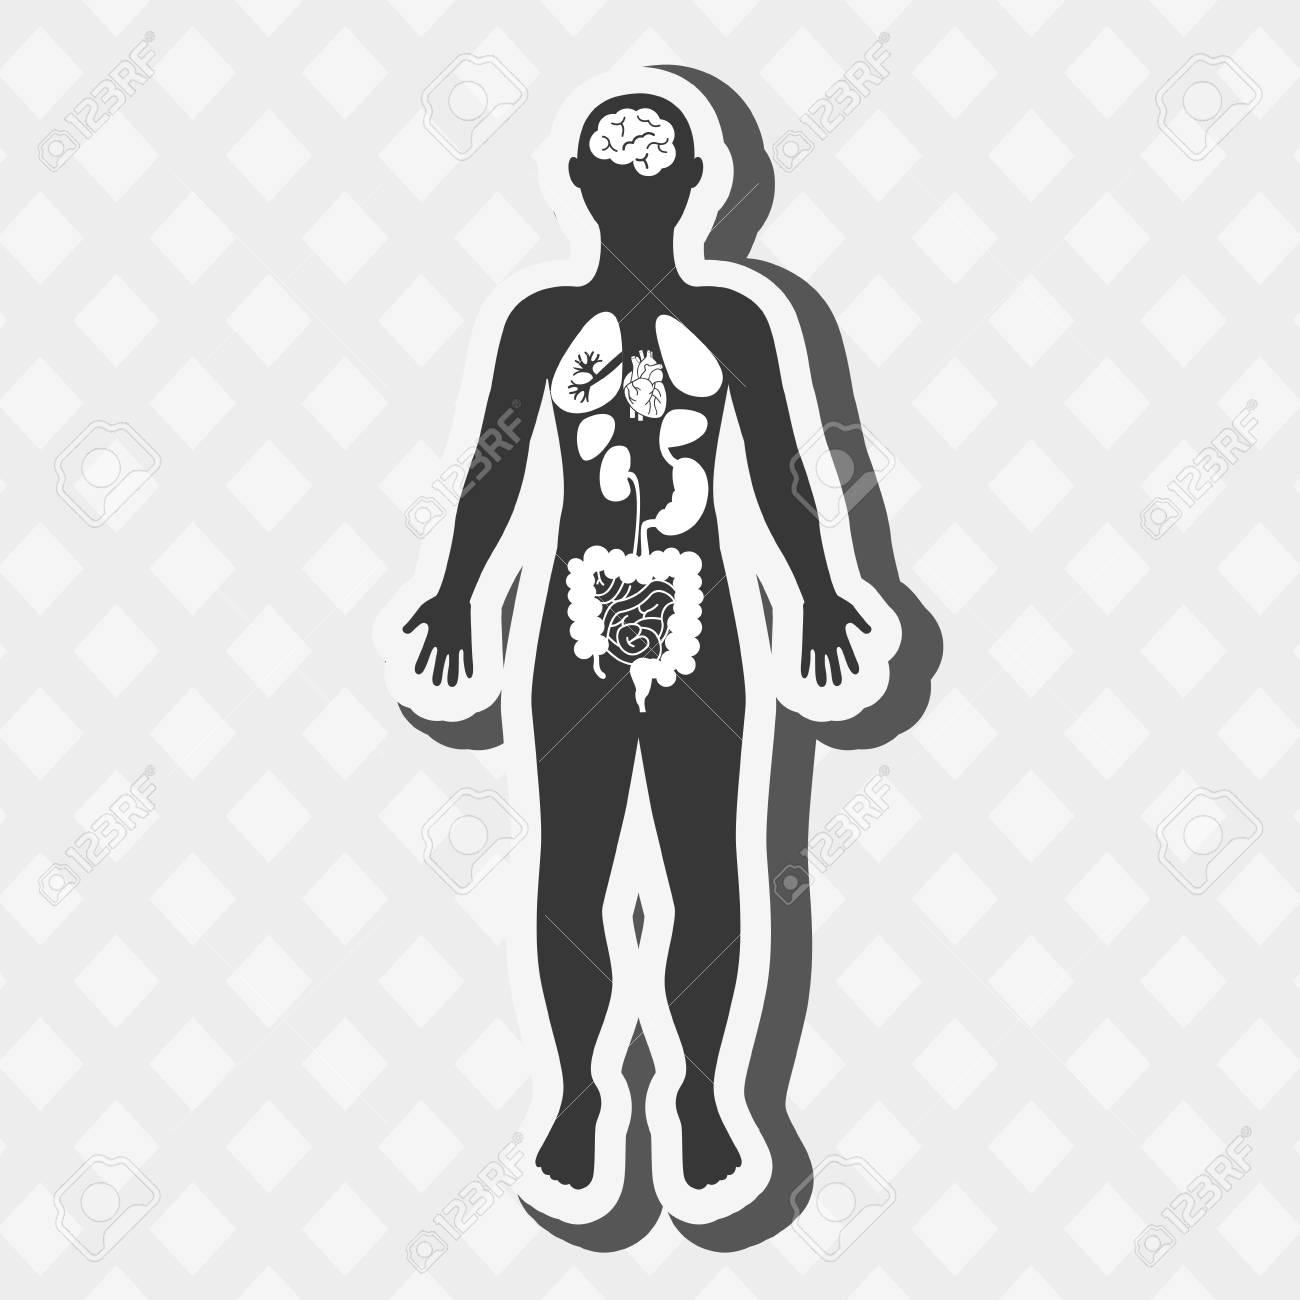 Asombroso Fundador De La Anatomía Moderna Friso - Imágenes de ...